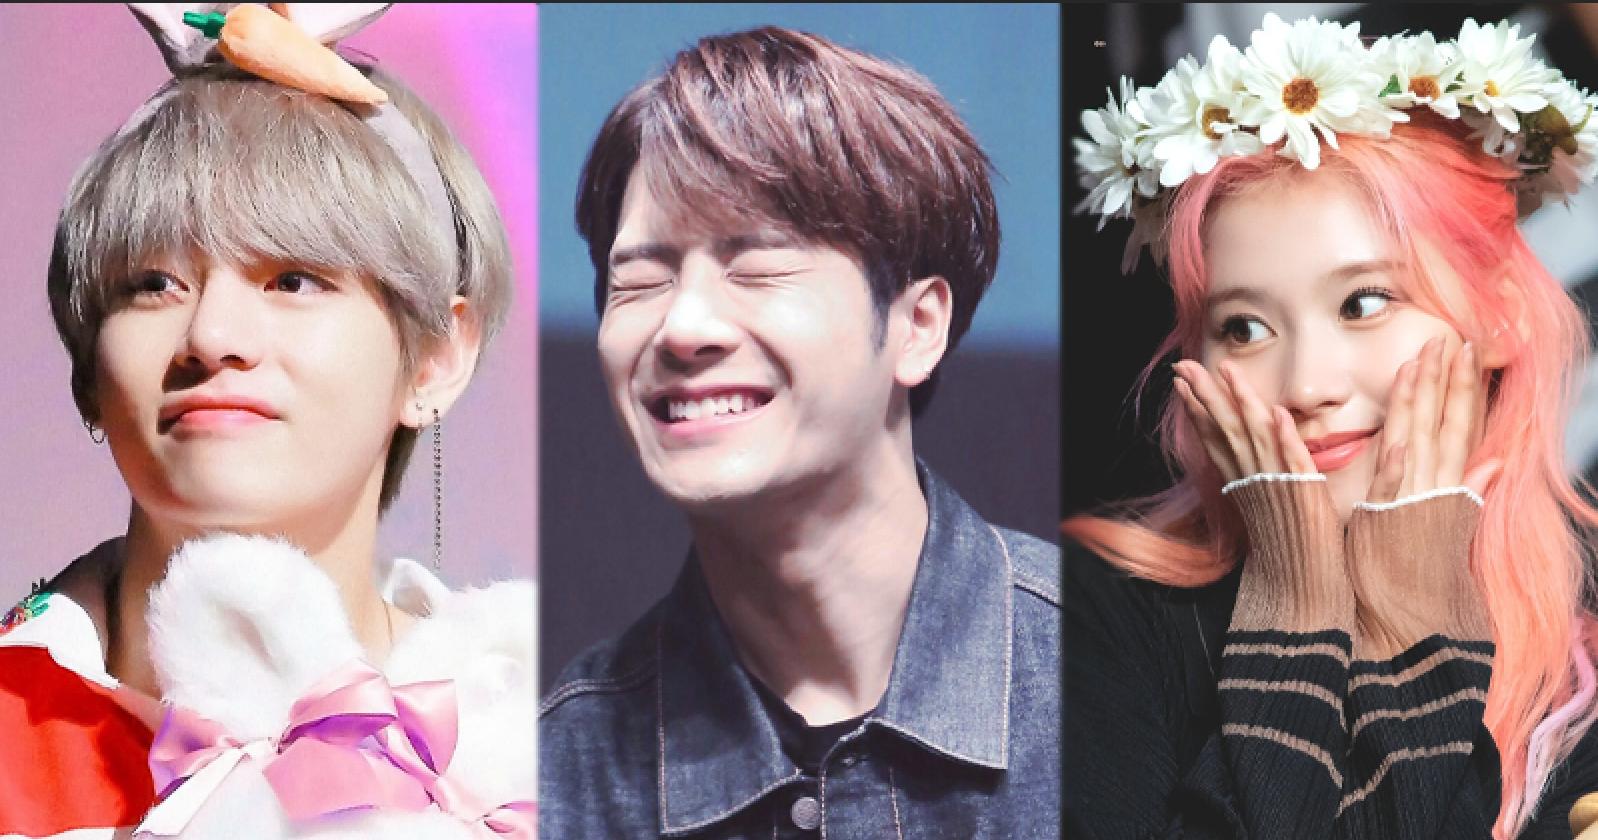 Top 10 Sweet K-Pop Songs That Were Written For Fans